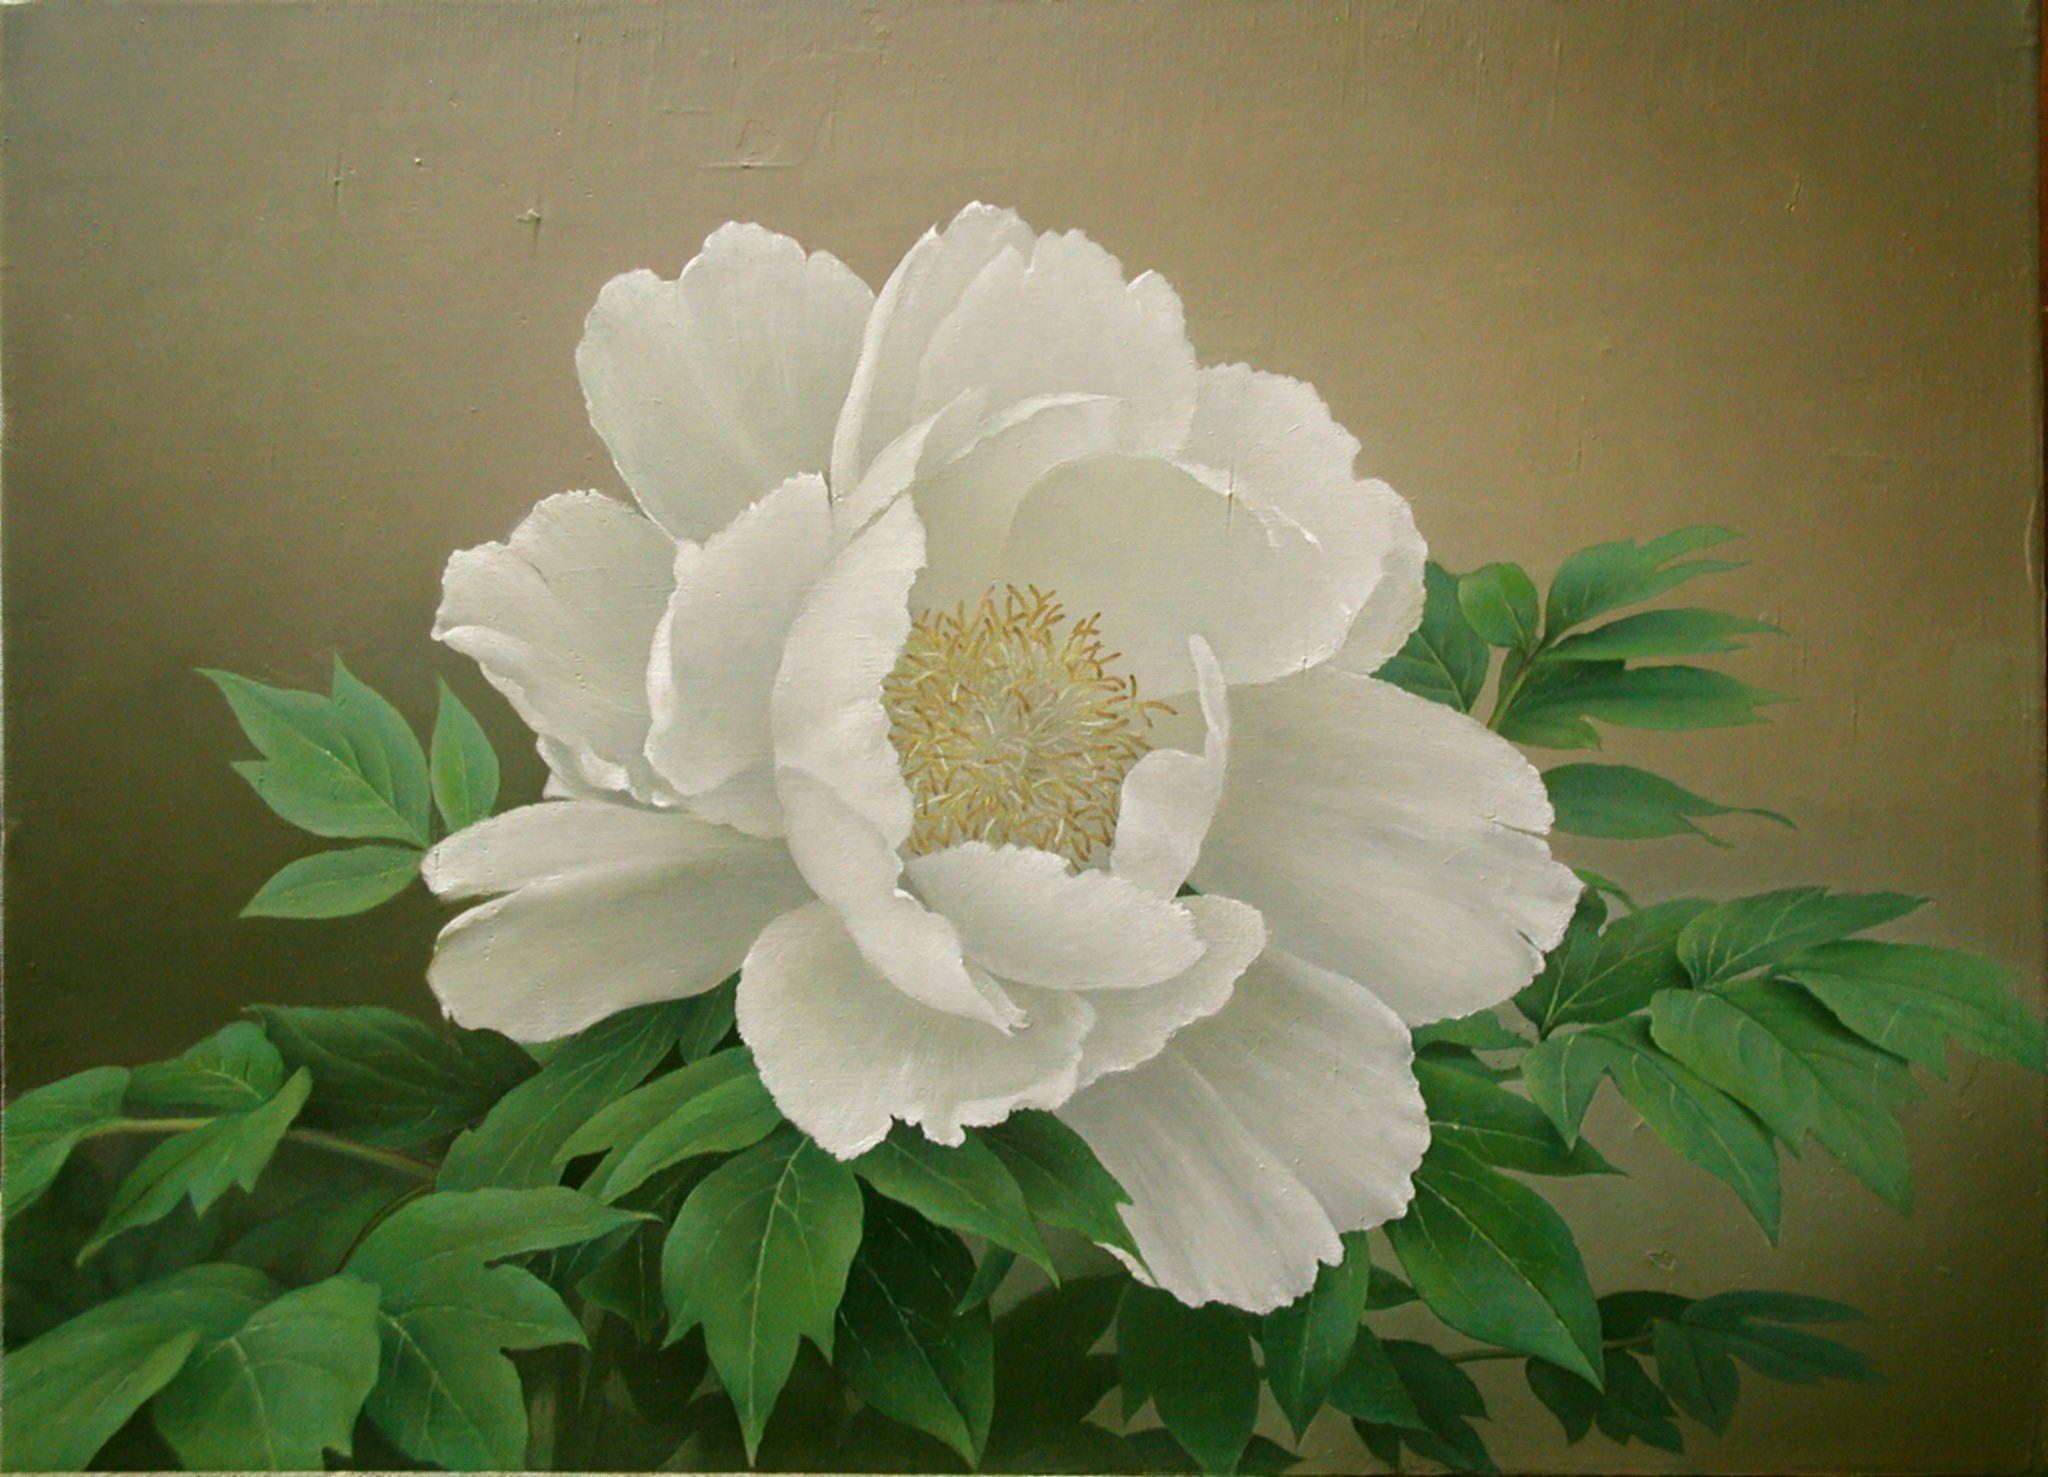 牡丹 続木唯道 油彩 f10号 2004年 個人蔵 絵に描いた花では薔薇が一番多く 次いで月下美人や牡丹がくる 他に薮椿 水仙など和風な感じの花も描いたが 艷やかでボリュームがある花の方が見応えがする というわけで描いたのが この白の大輪の牡丹である 薔薇や月